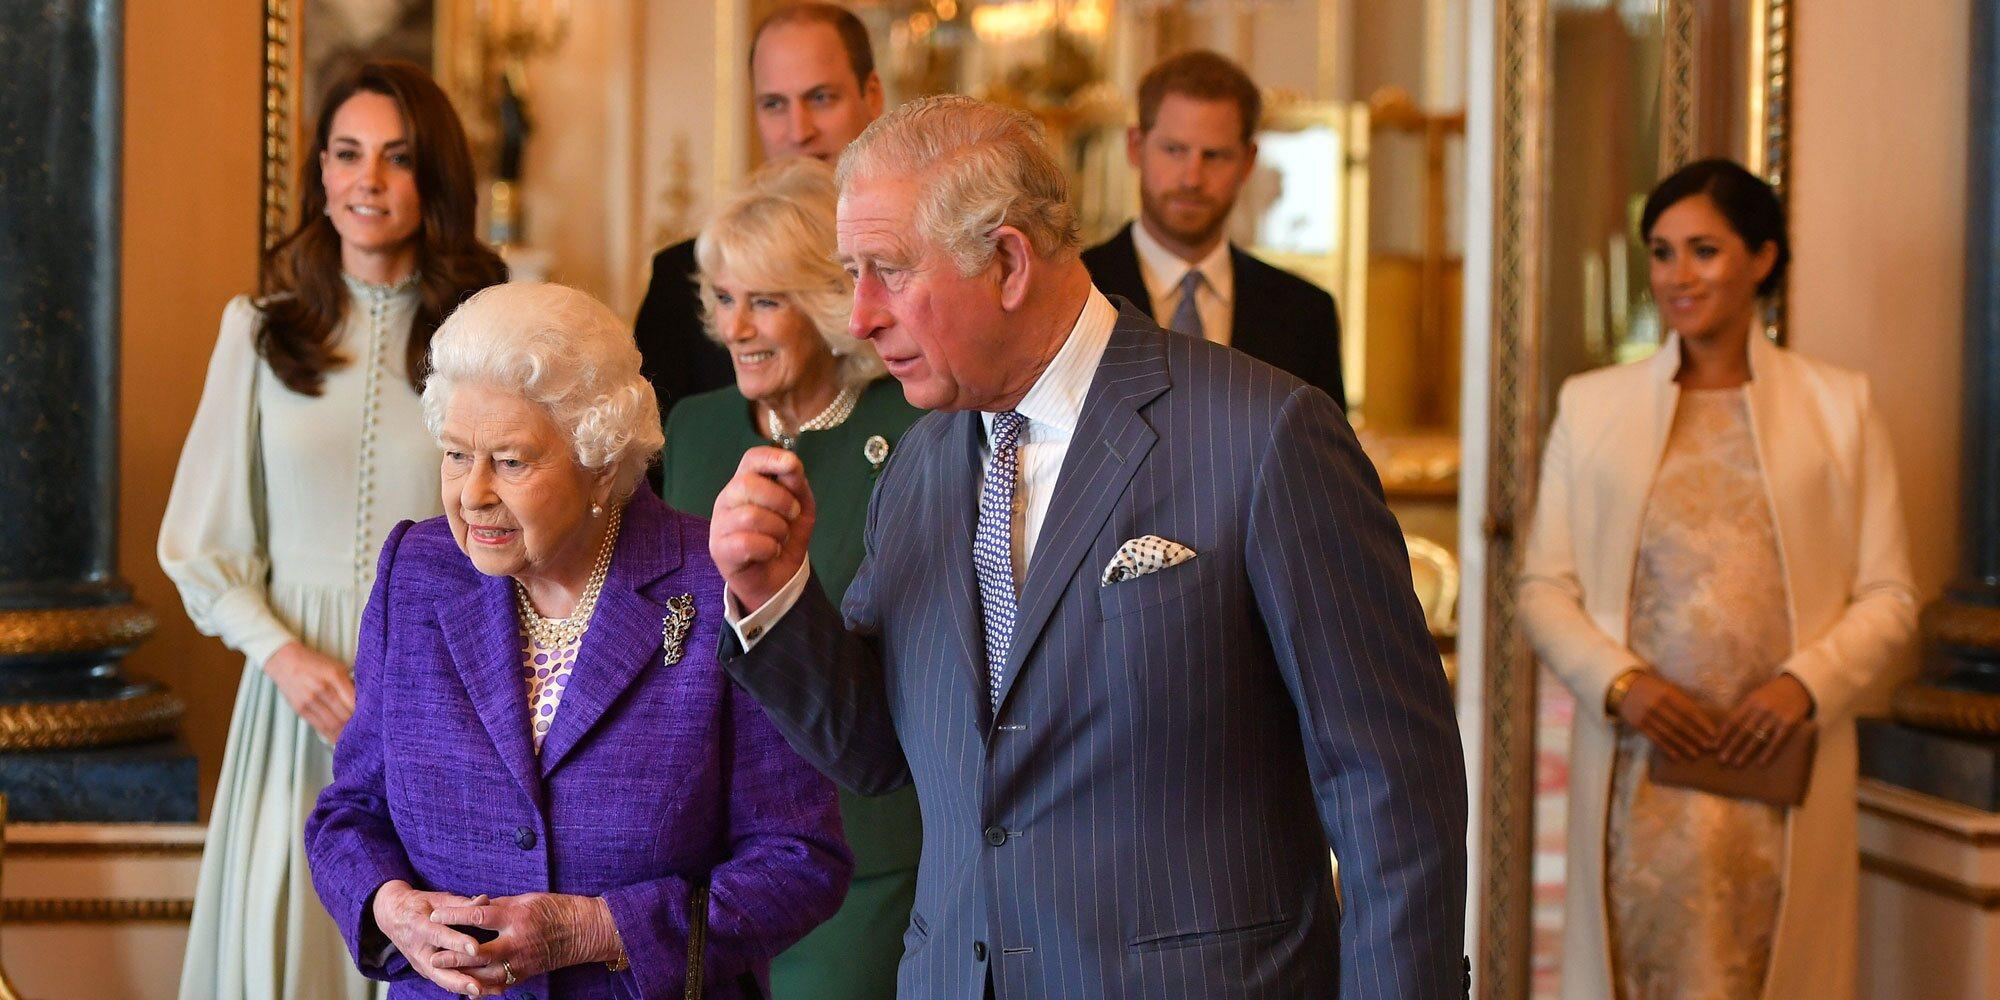 La reacción oficial de la Familia Real Británica ante el nacimiento de Lilibet Diana, segunda hija de Harry y Meghan